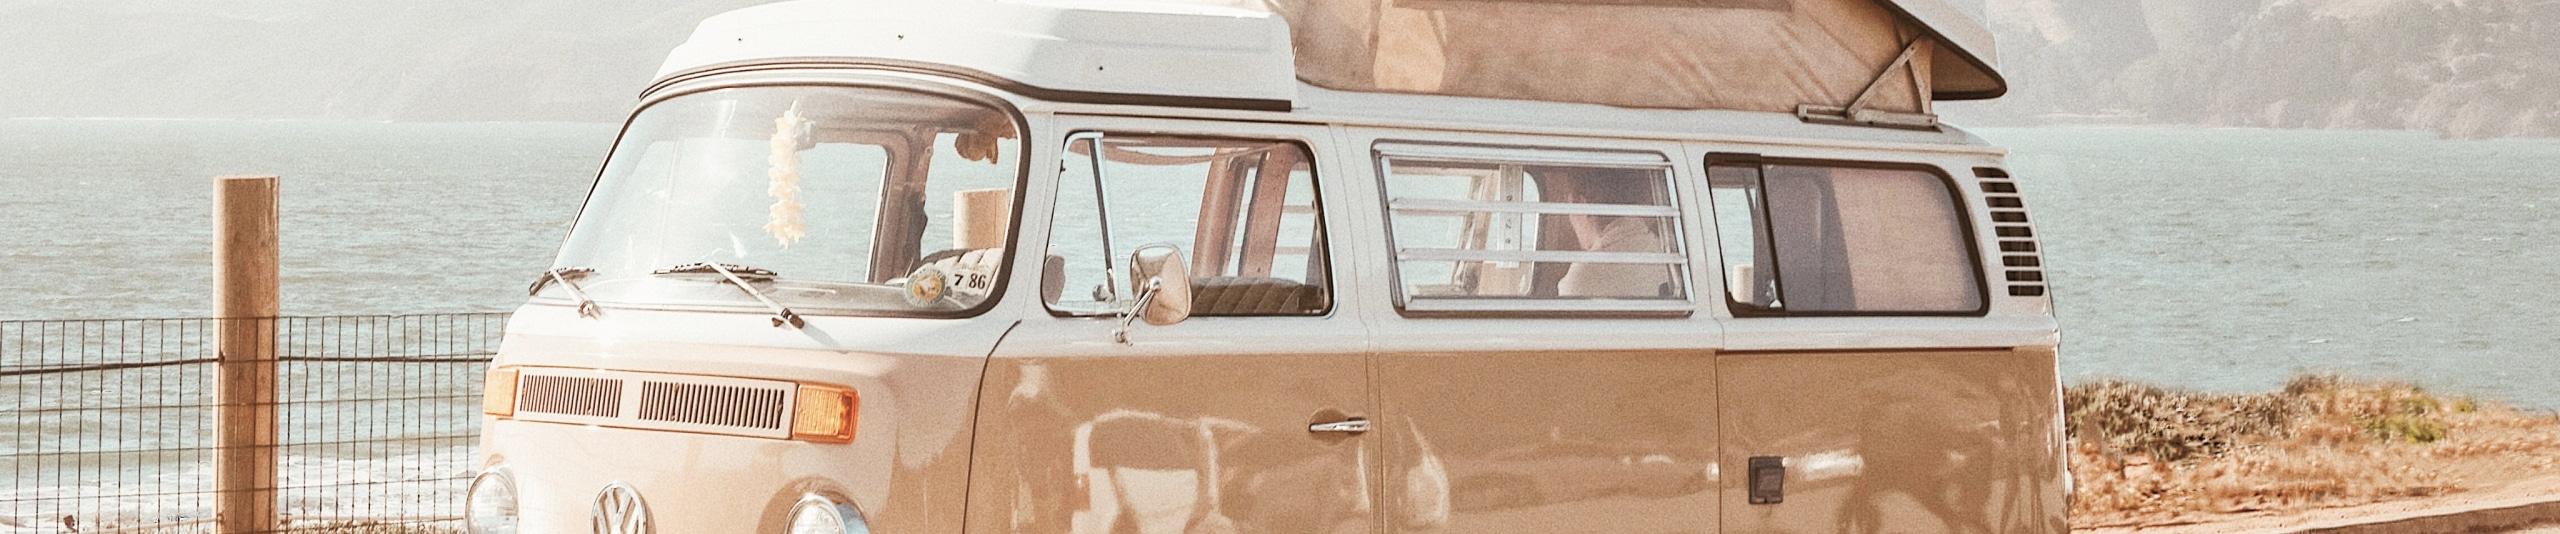 Conheça as vantagens de um seguro autocaravanas